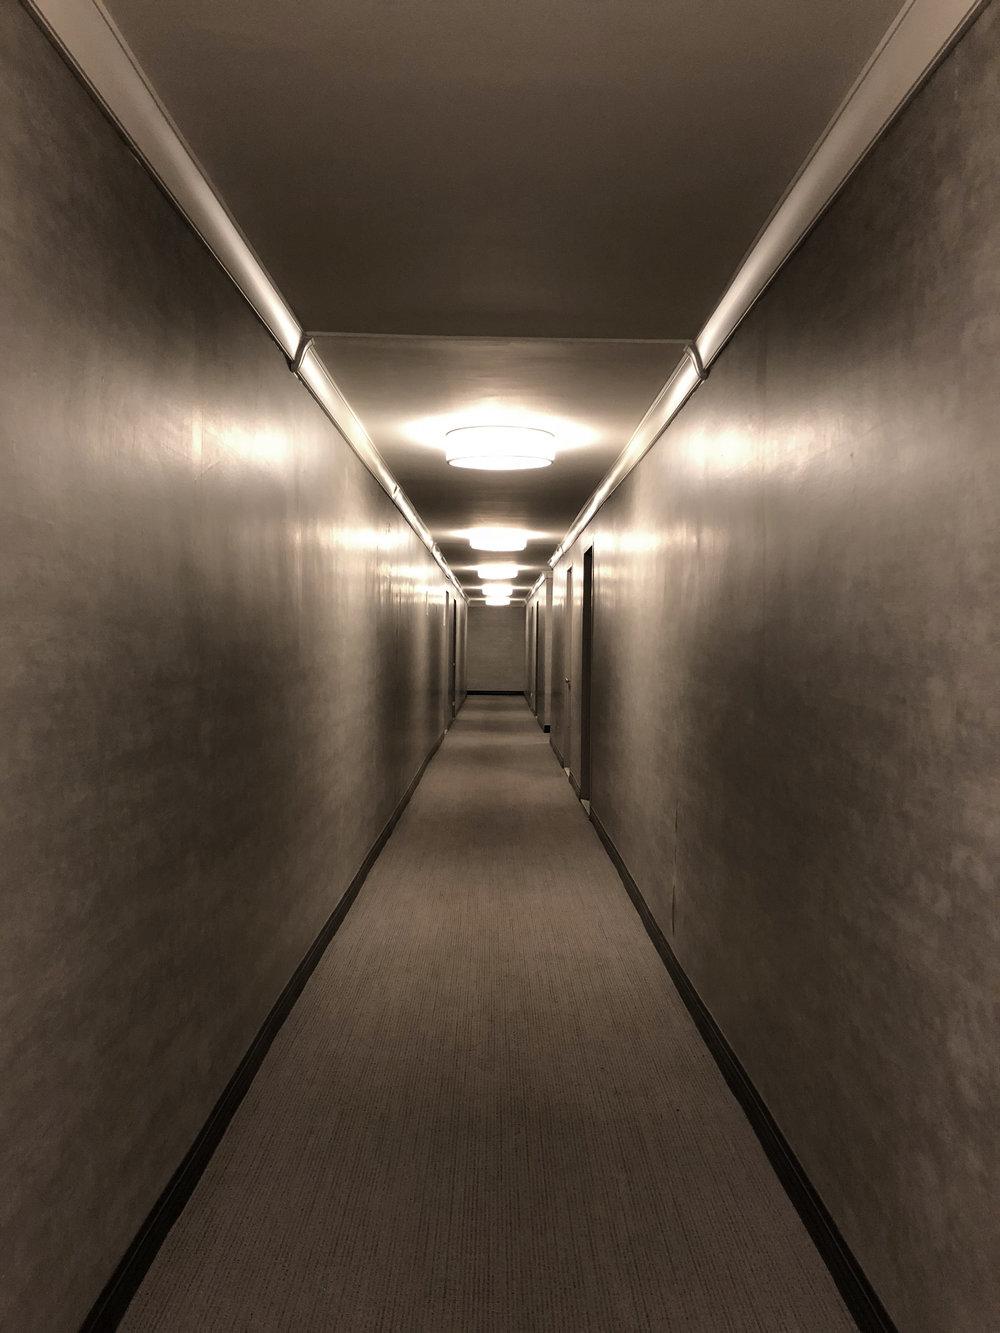 Jason Ardizzone-West Spatial Dramaturgy Monochromatic Hallway.jpg